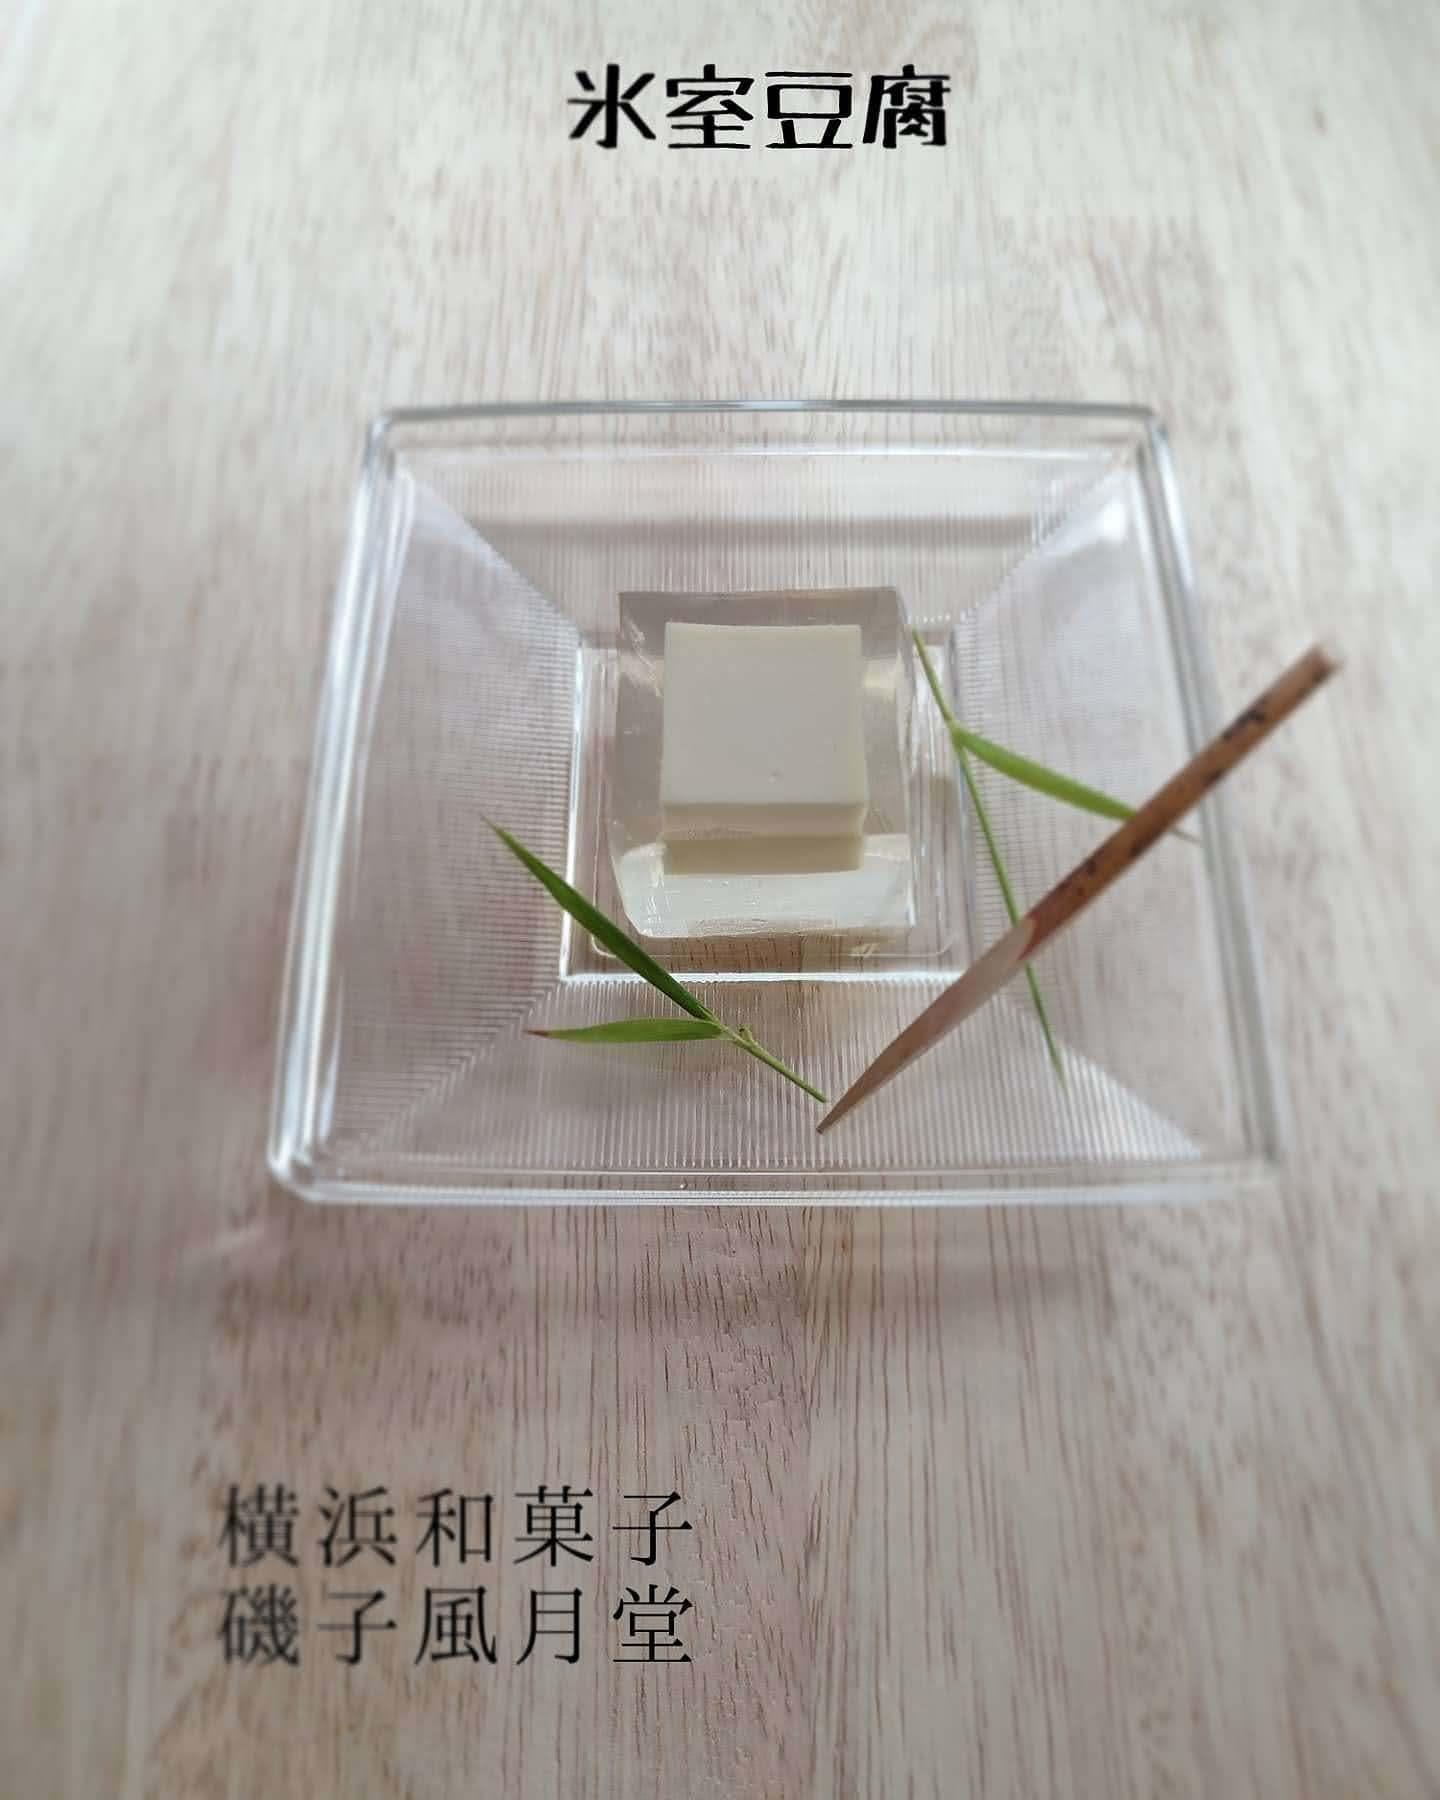 氷室豆腐 を作ってみました。 横浜和菓子磯子風月堂 *こっそり通販も始めました_e0092594_16543128.jpg